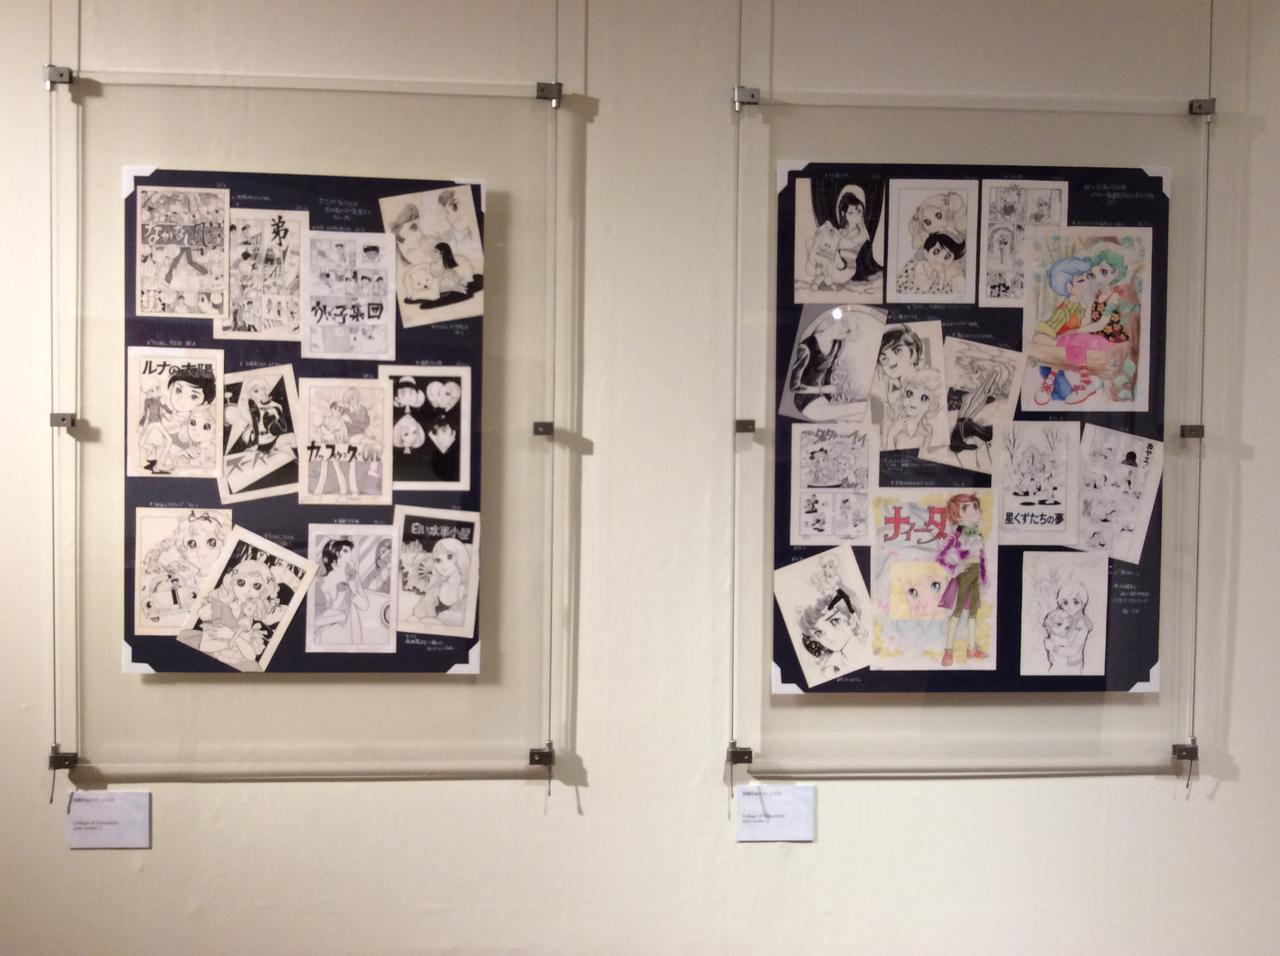 画像: 第2章 展示 竹宮惠子 カレイドスコープ 50th Anniversary  京都国際マンガミュージアム会場 photo©︎cinefil